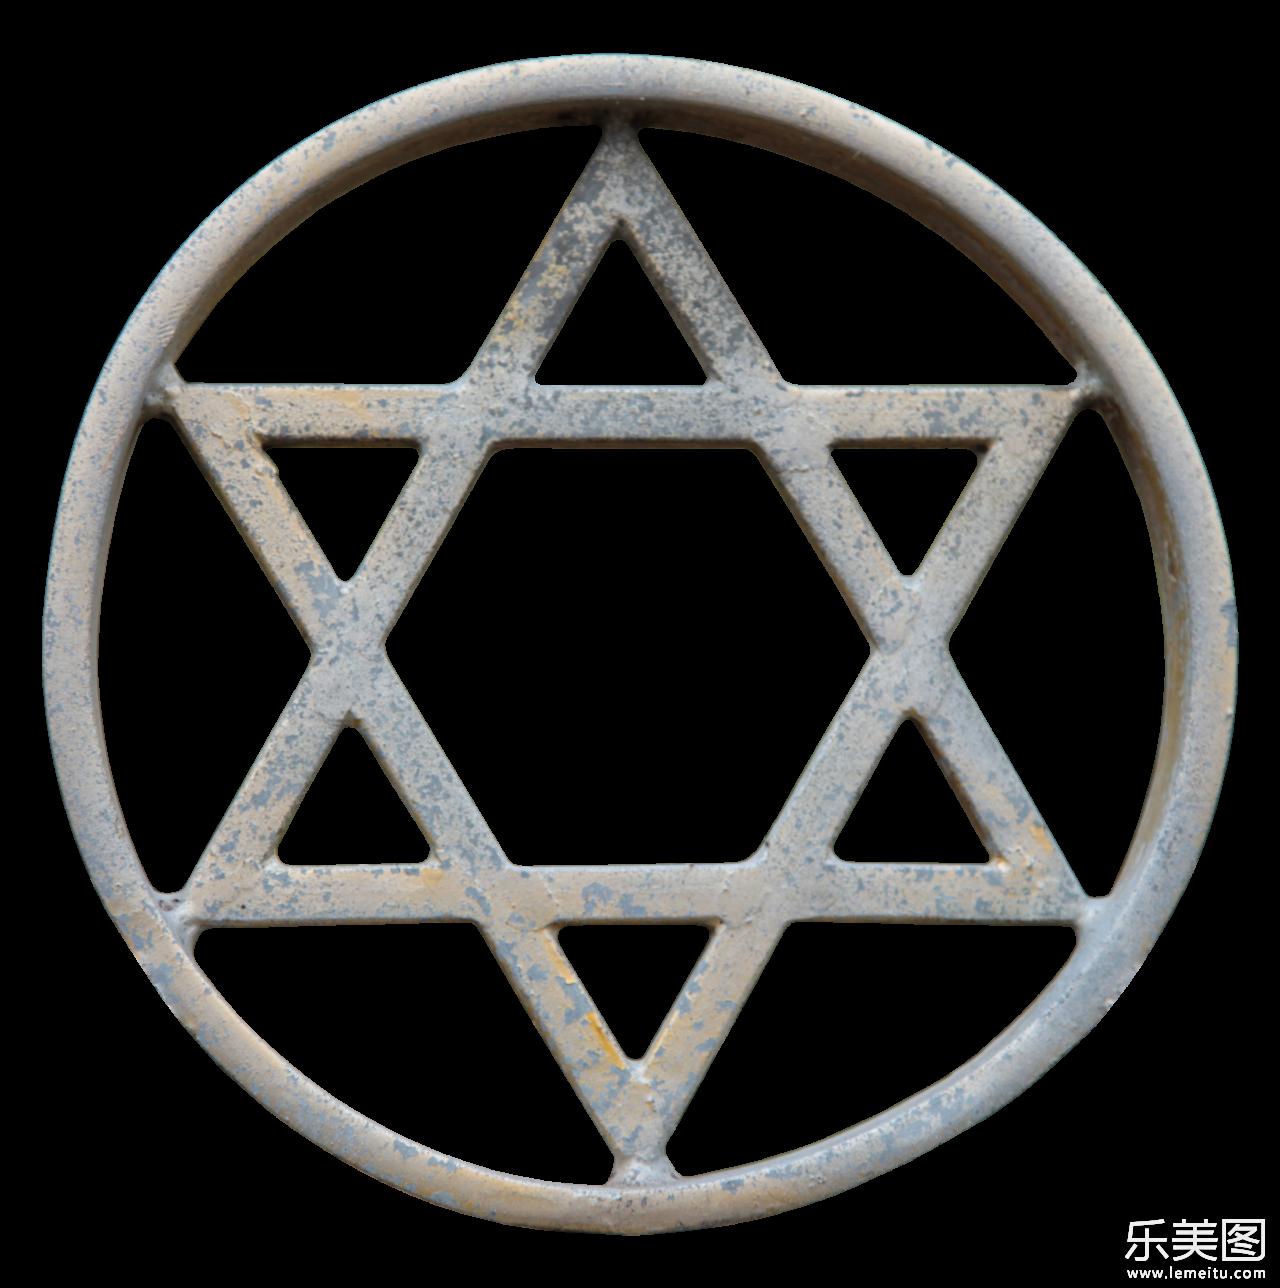 star of david,又称六芒星,大卫之星,大卫星,等,又或者直接称为六角星